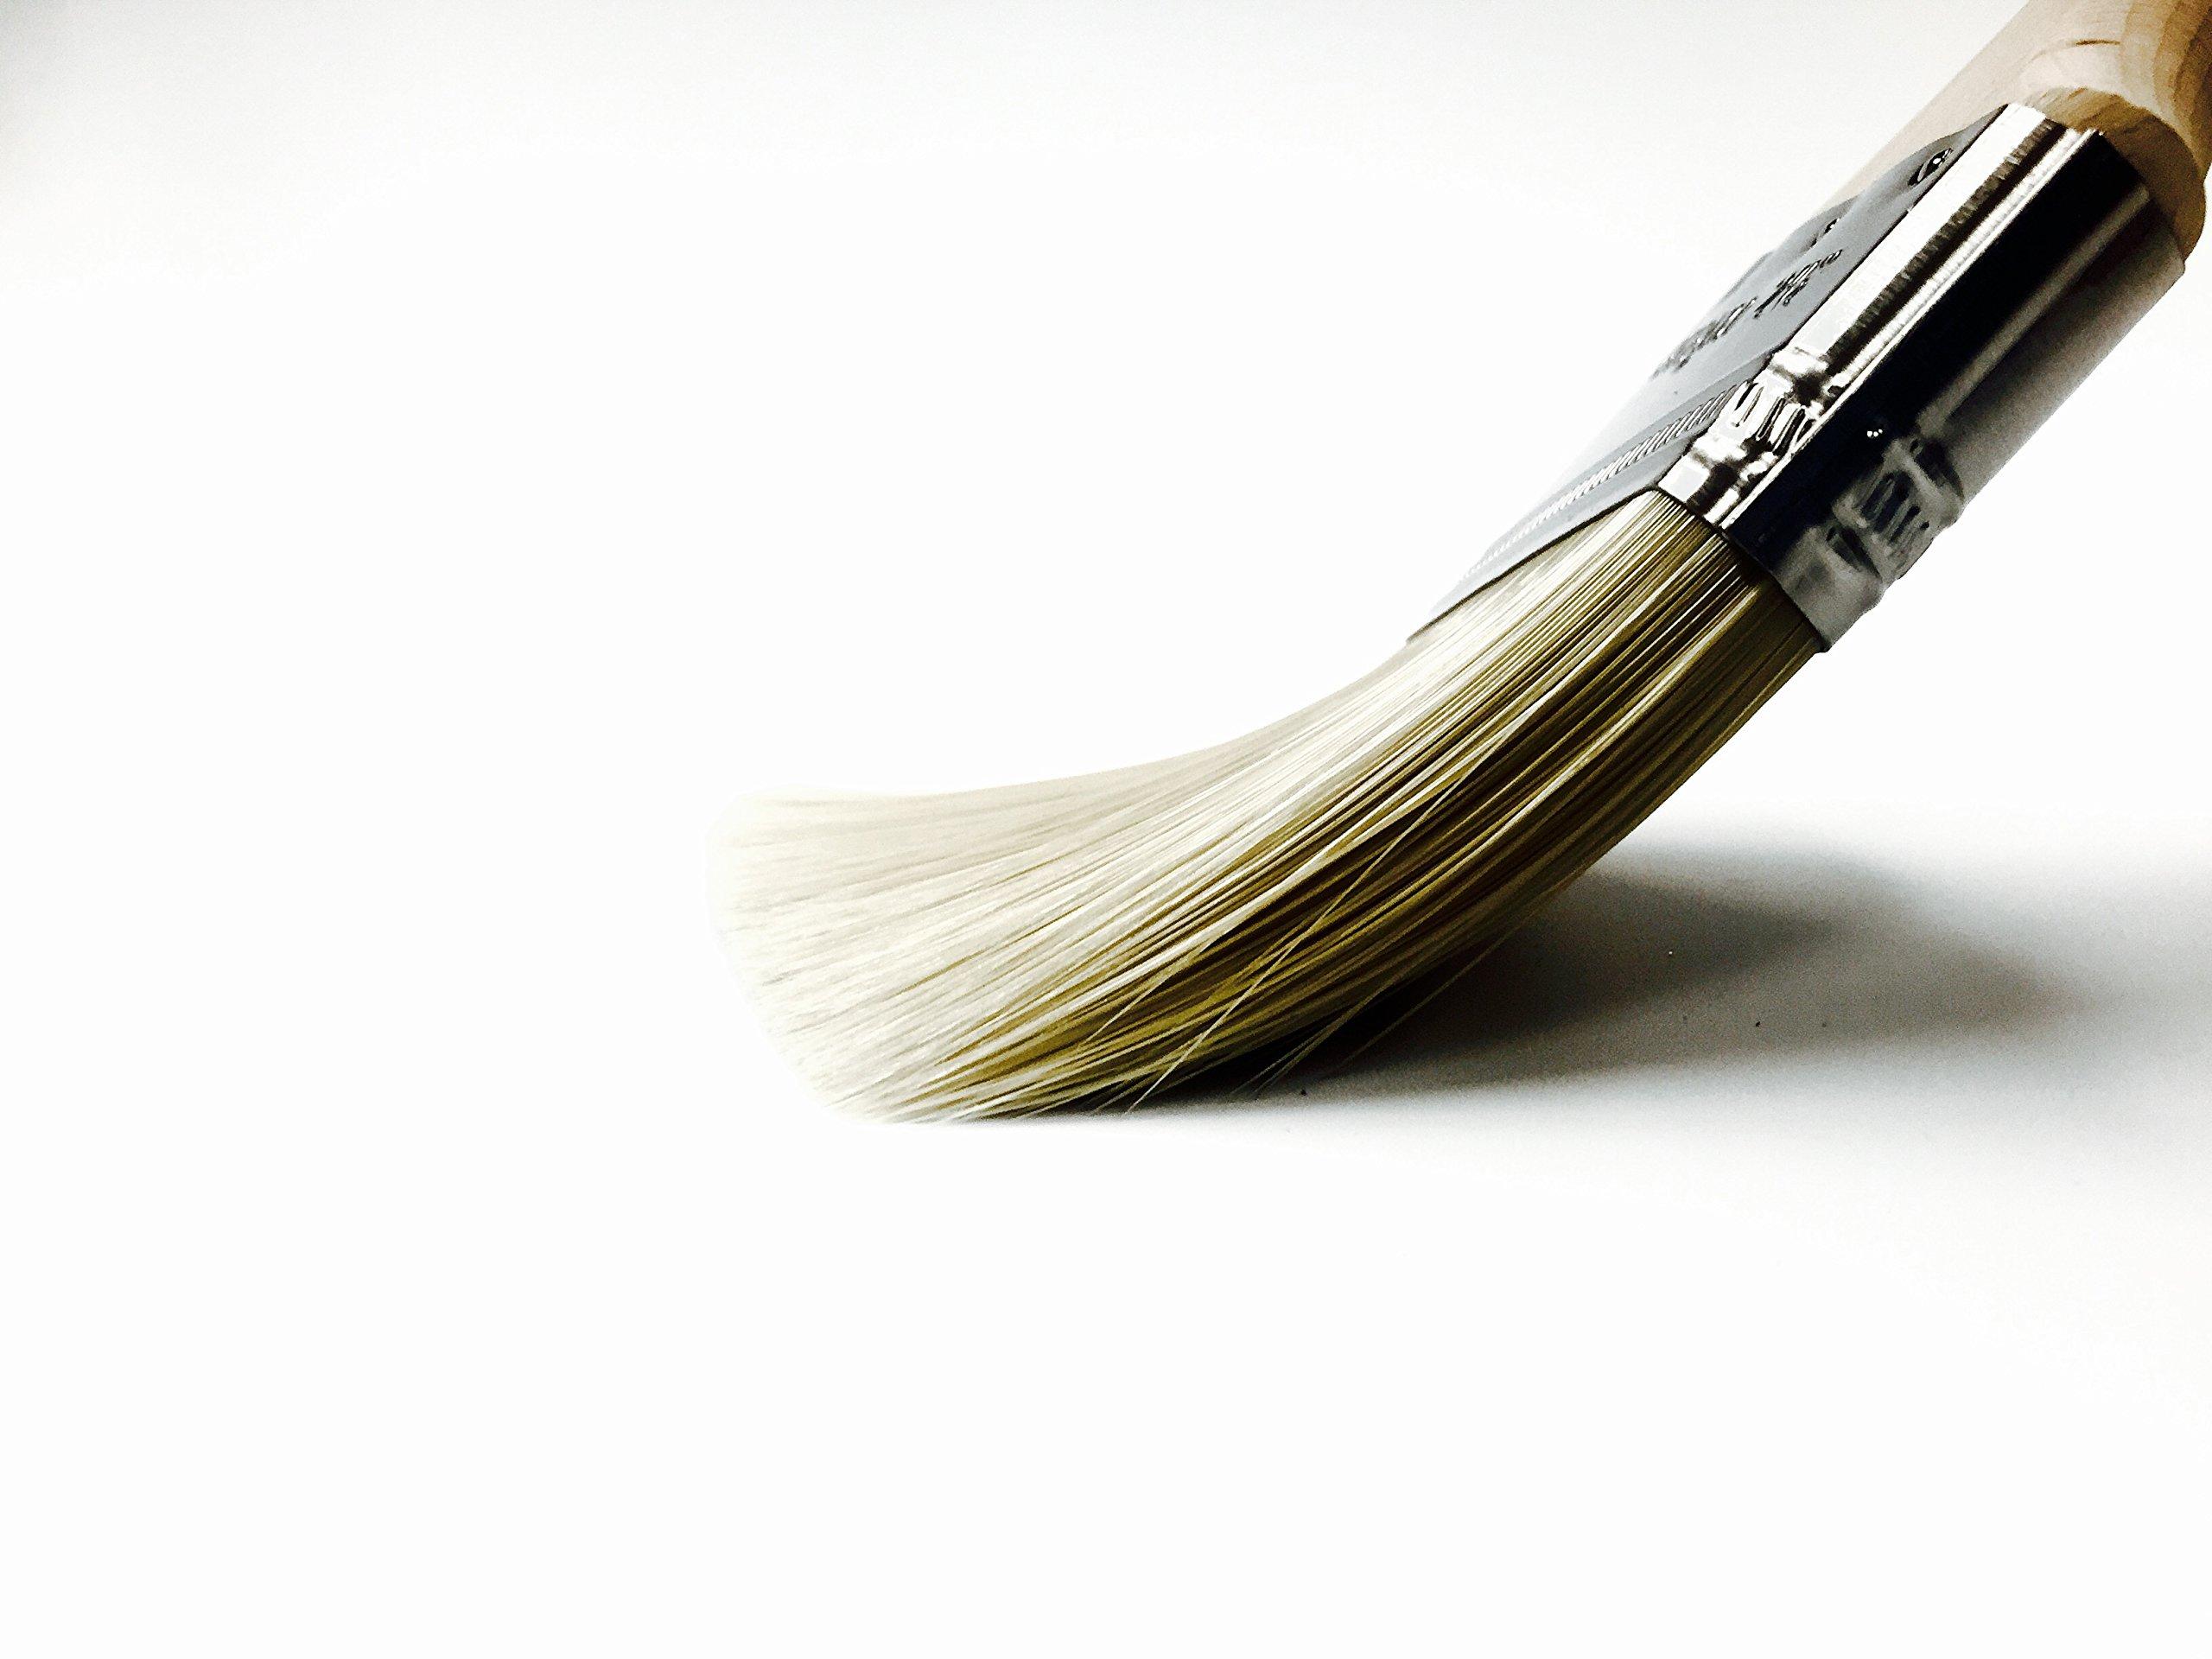 Corona 2.5'' Excalibur Chinex Paint Brush by Corona (Image #5)